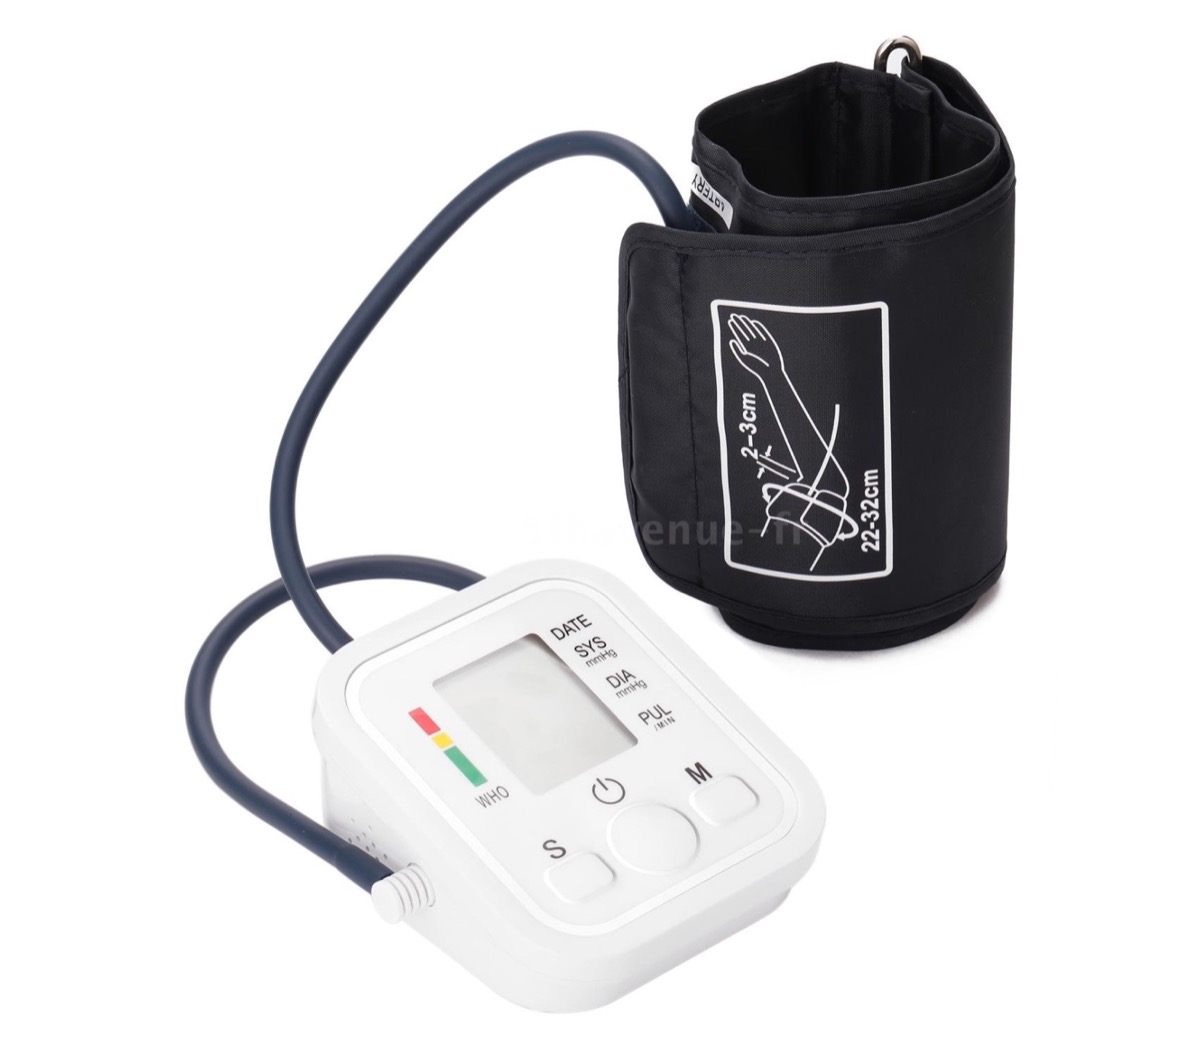 Covid sotto controllo con termometro, mascherina e misuratore di pressione in offerta